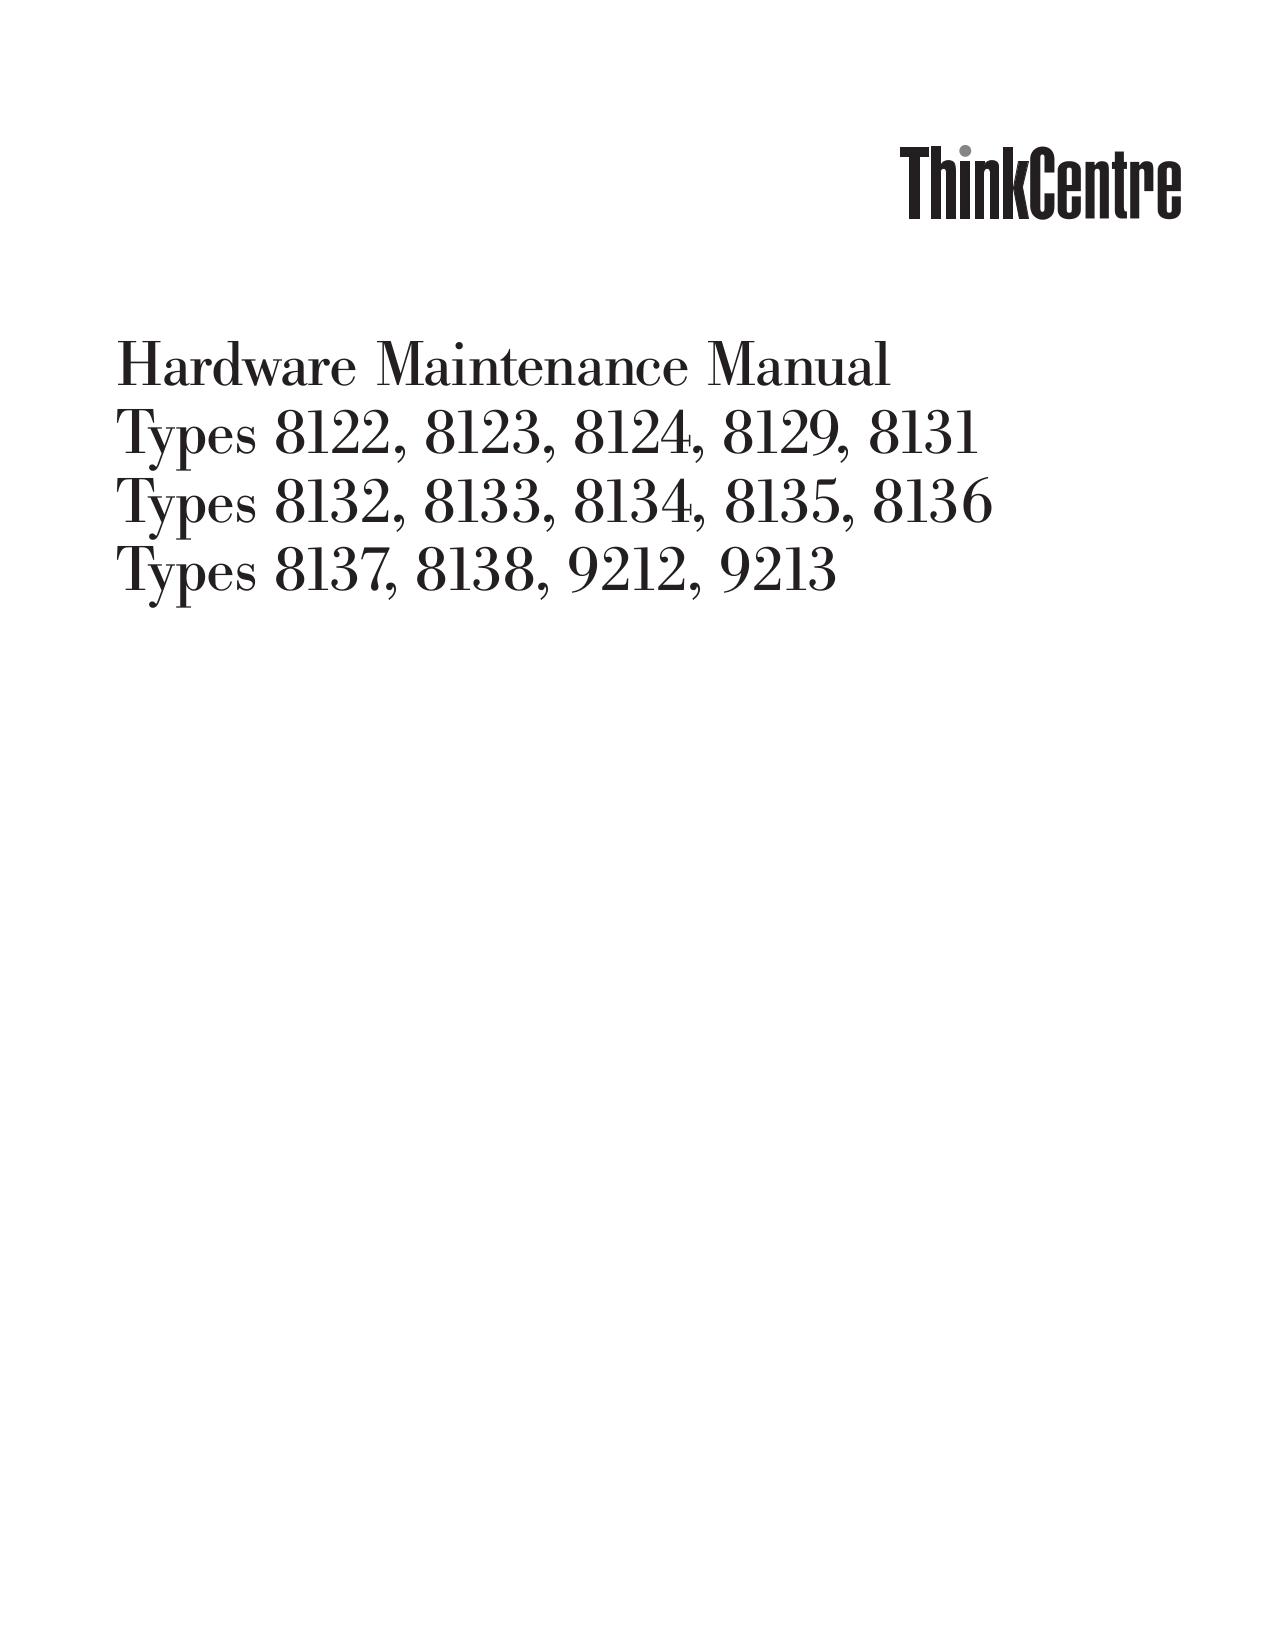 pdf manual for lenovo desktop thinkcentre a51 8136 rh umlib com Lenovo ThinkPad W500 Lenovo W540